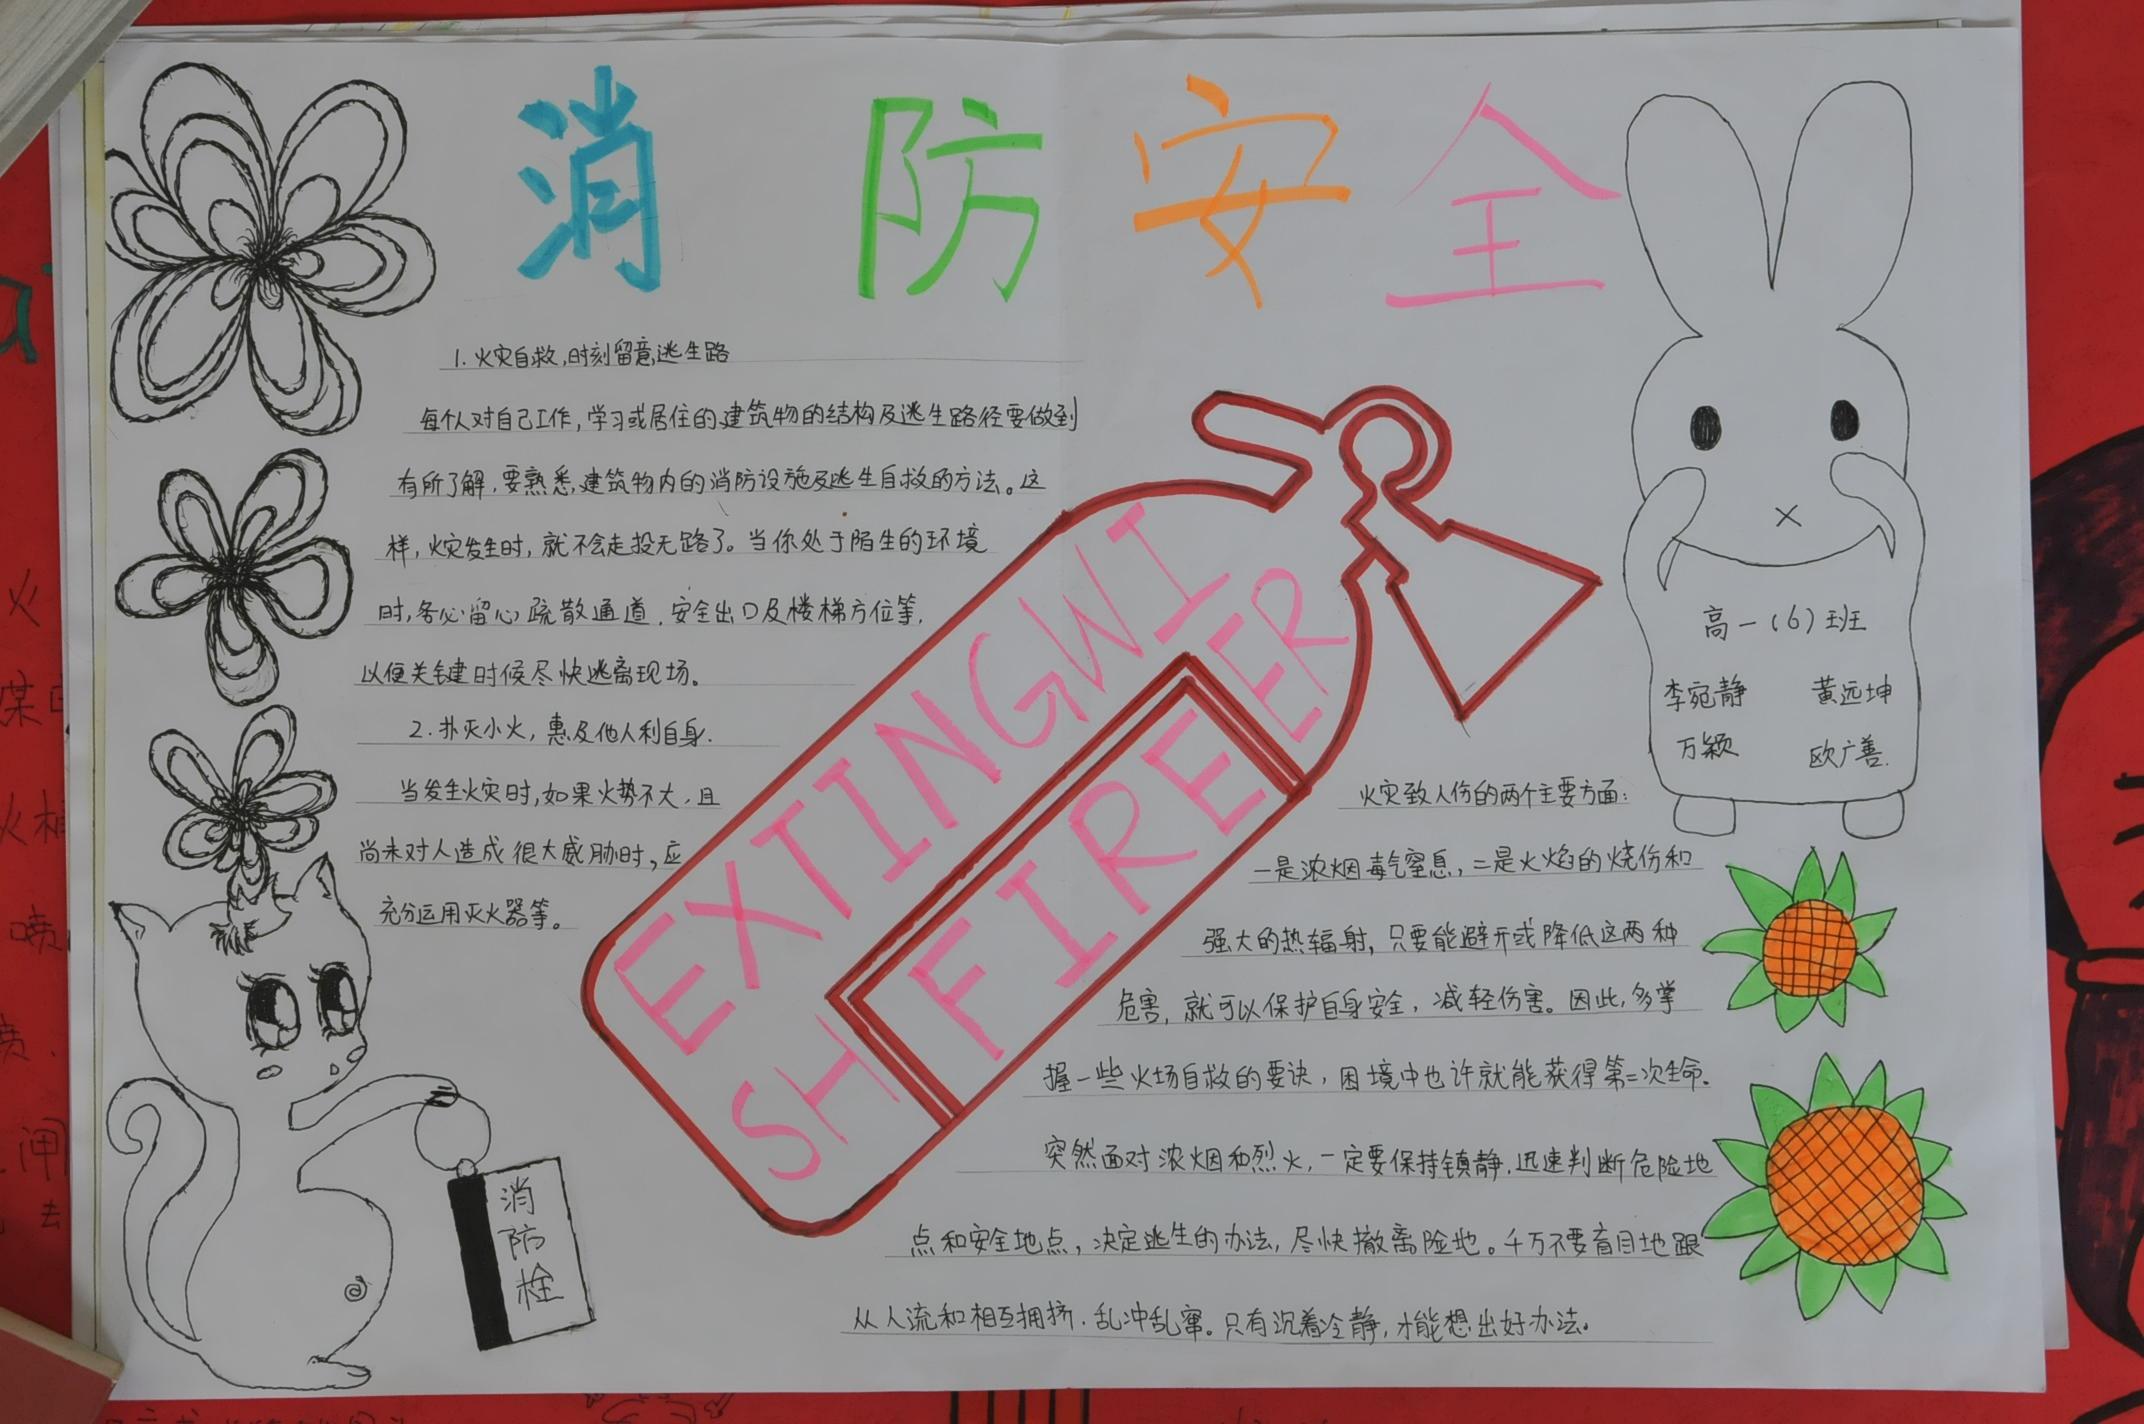 安全消防手抄报边框花边简单漂亮的设计集锦 - 爱扬教育网